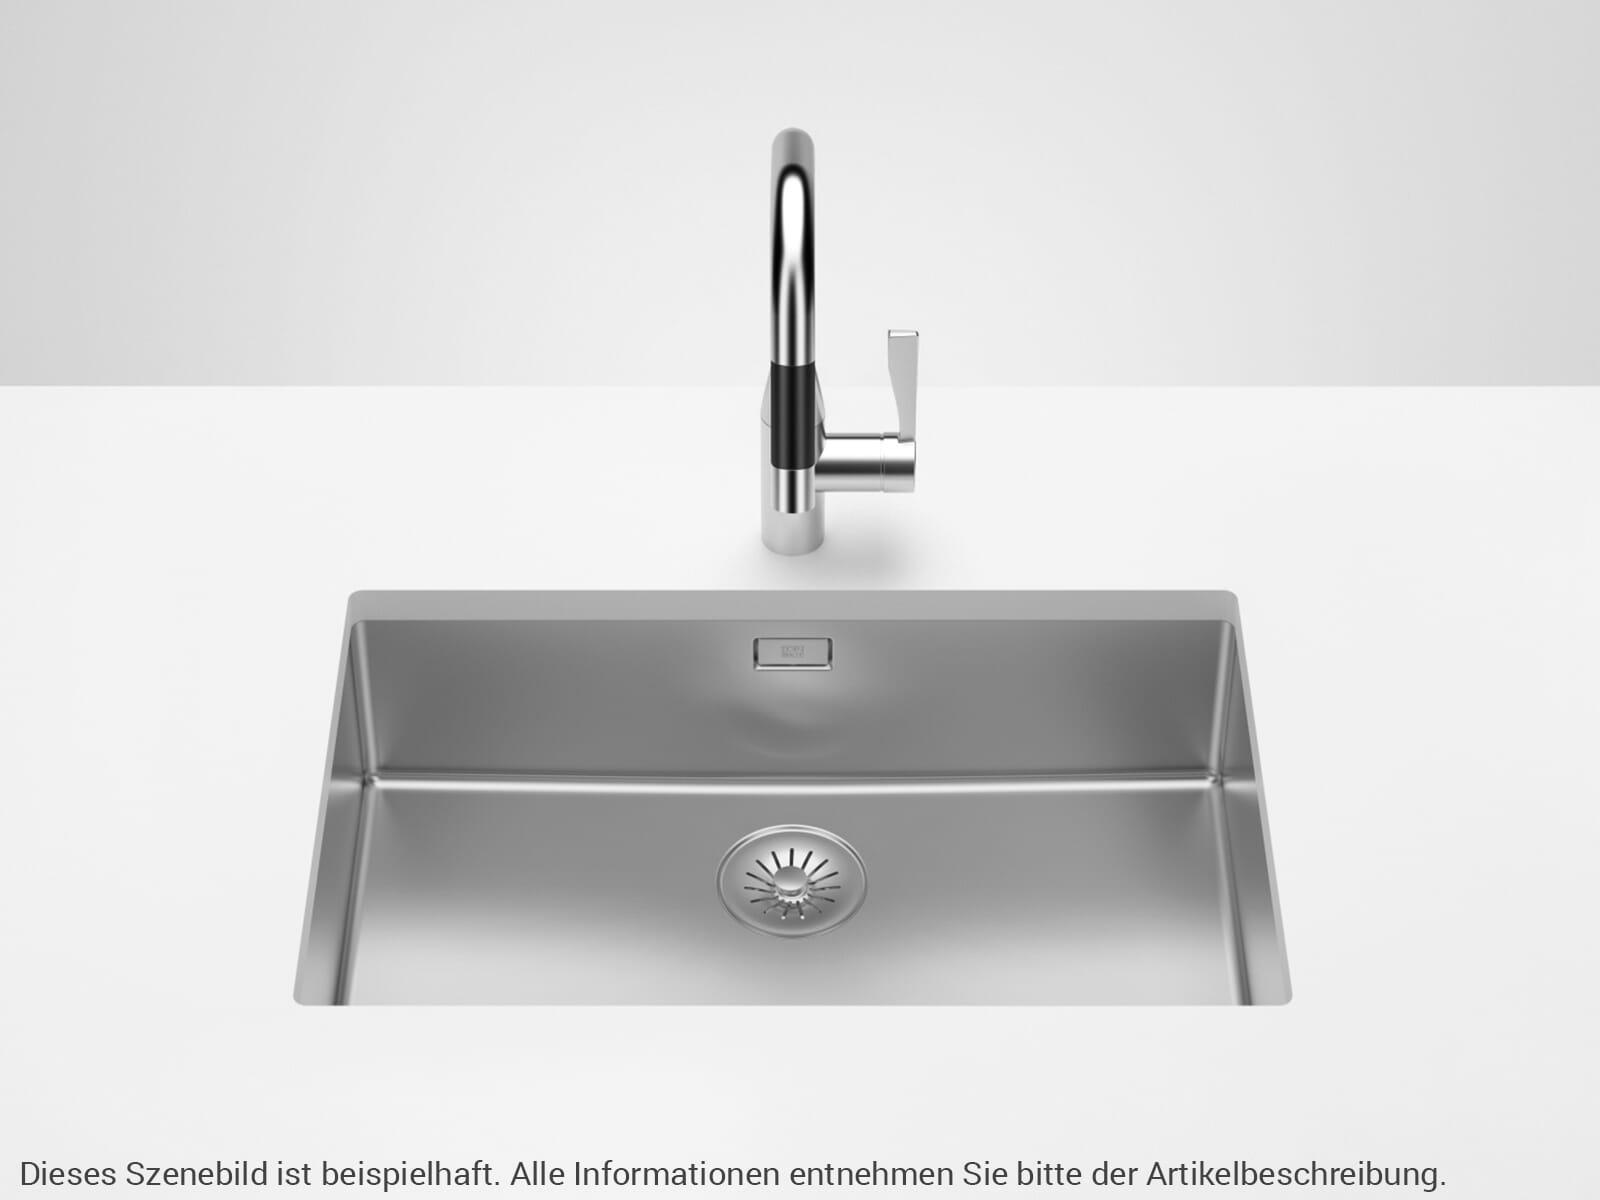 Dornbracht Edelstahl-Spüle Poliert 38650003-85